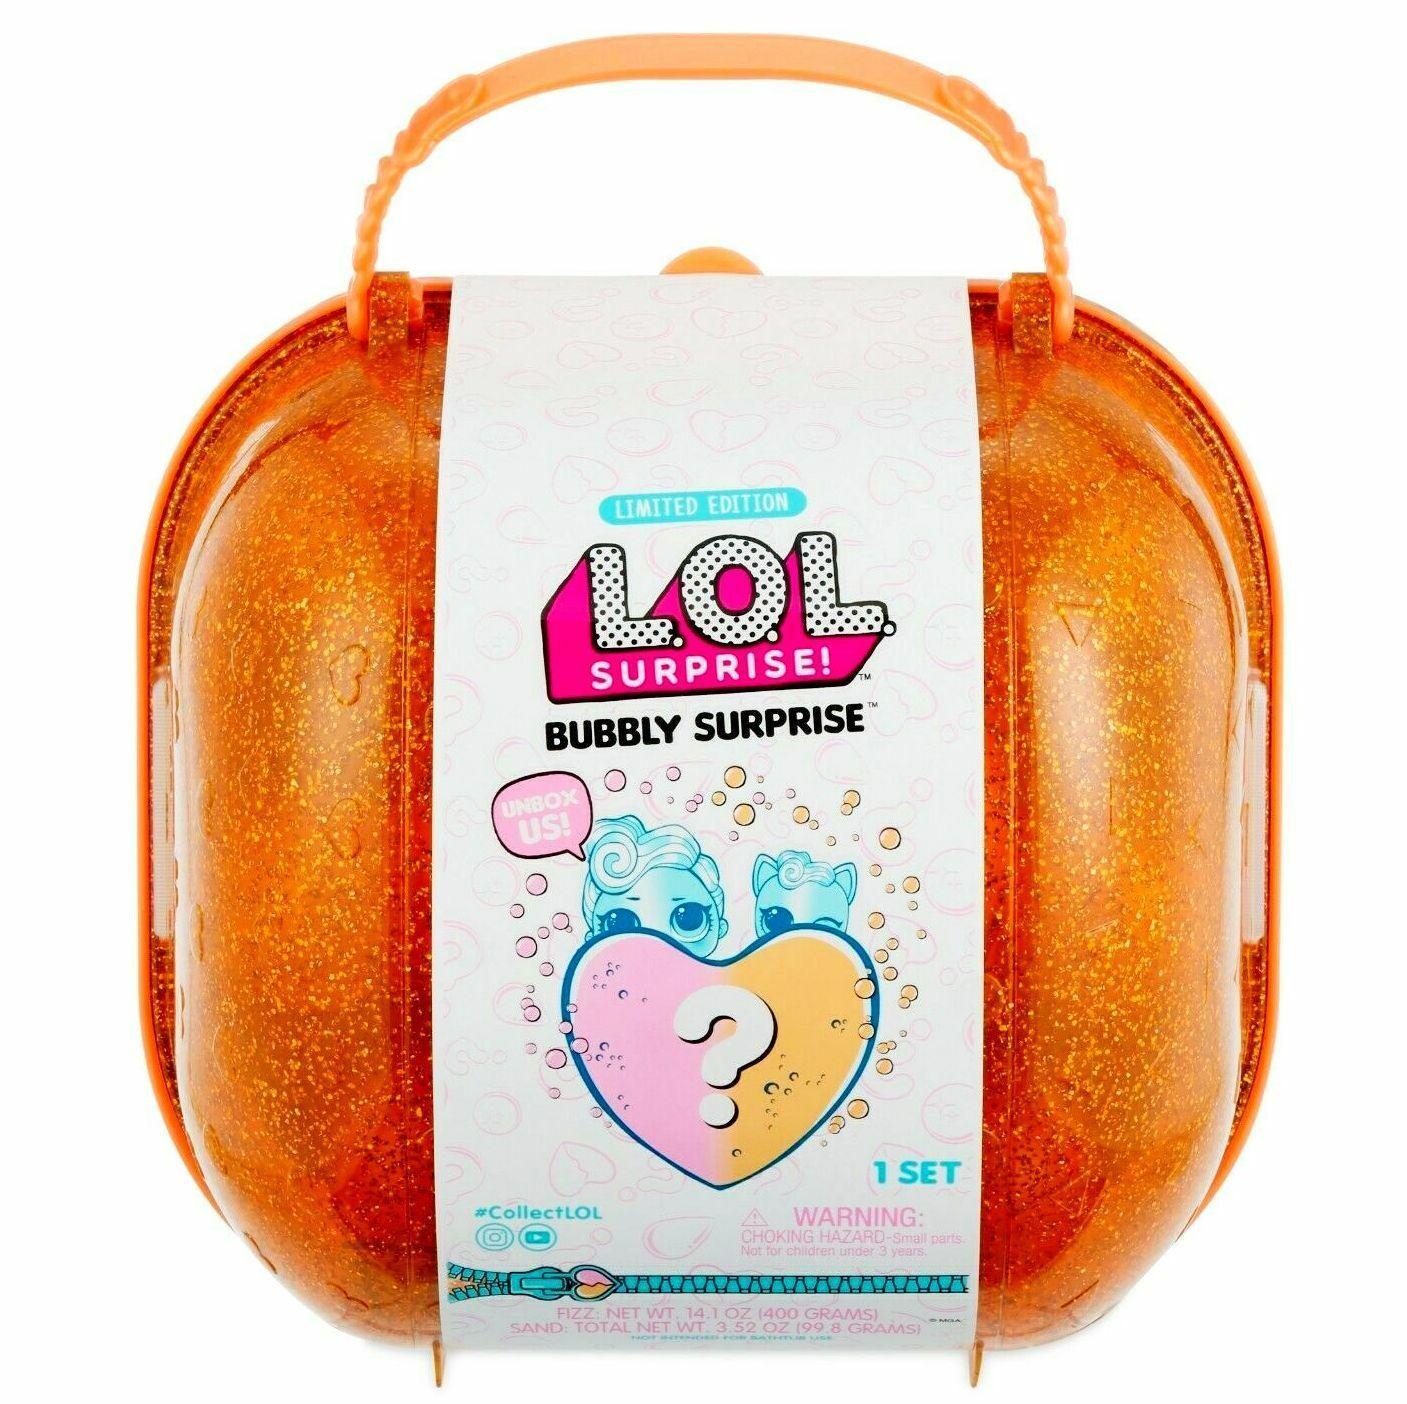 LOL Surprise  Bubbly Surprise with Exclusive Doll & Pet - orange- 100% Authentic